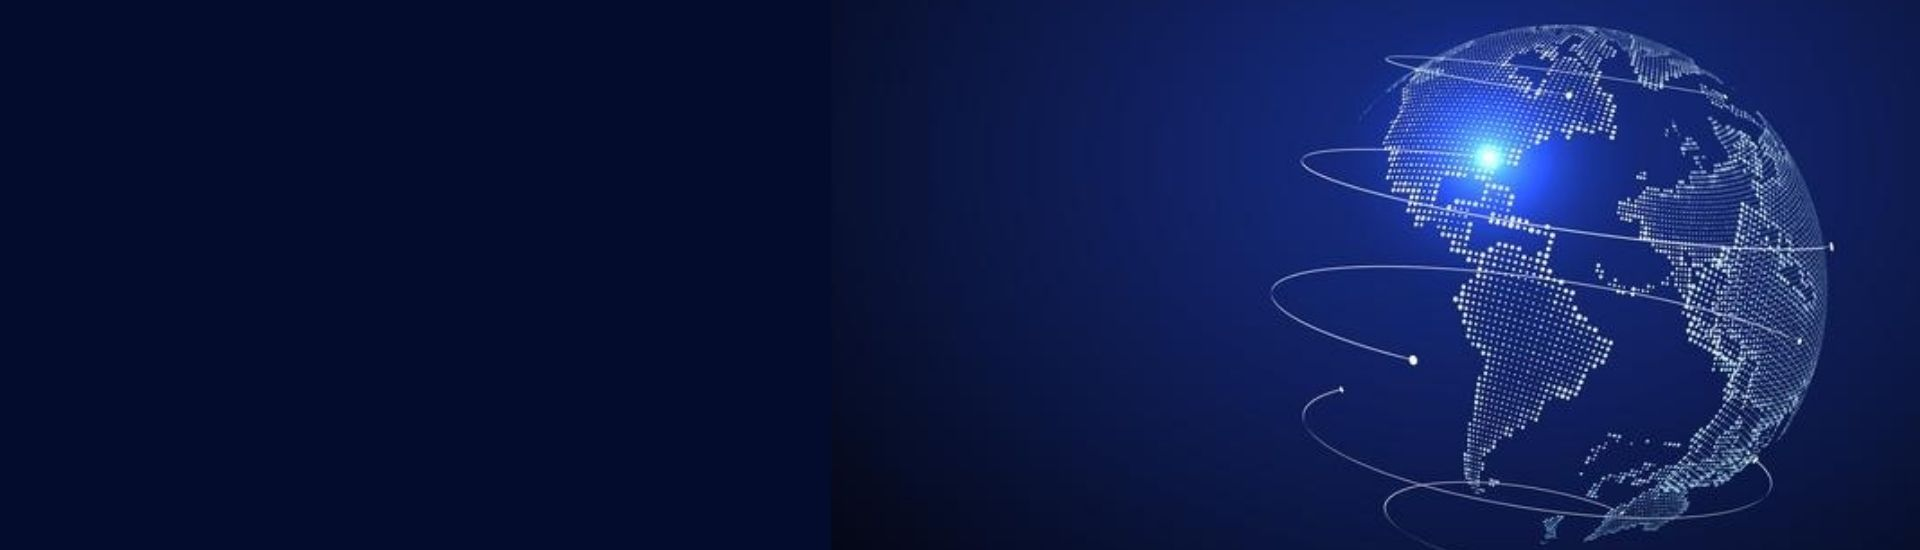 imagen de un planeta en tonos azules